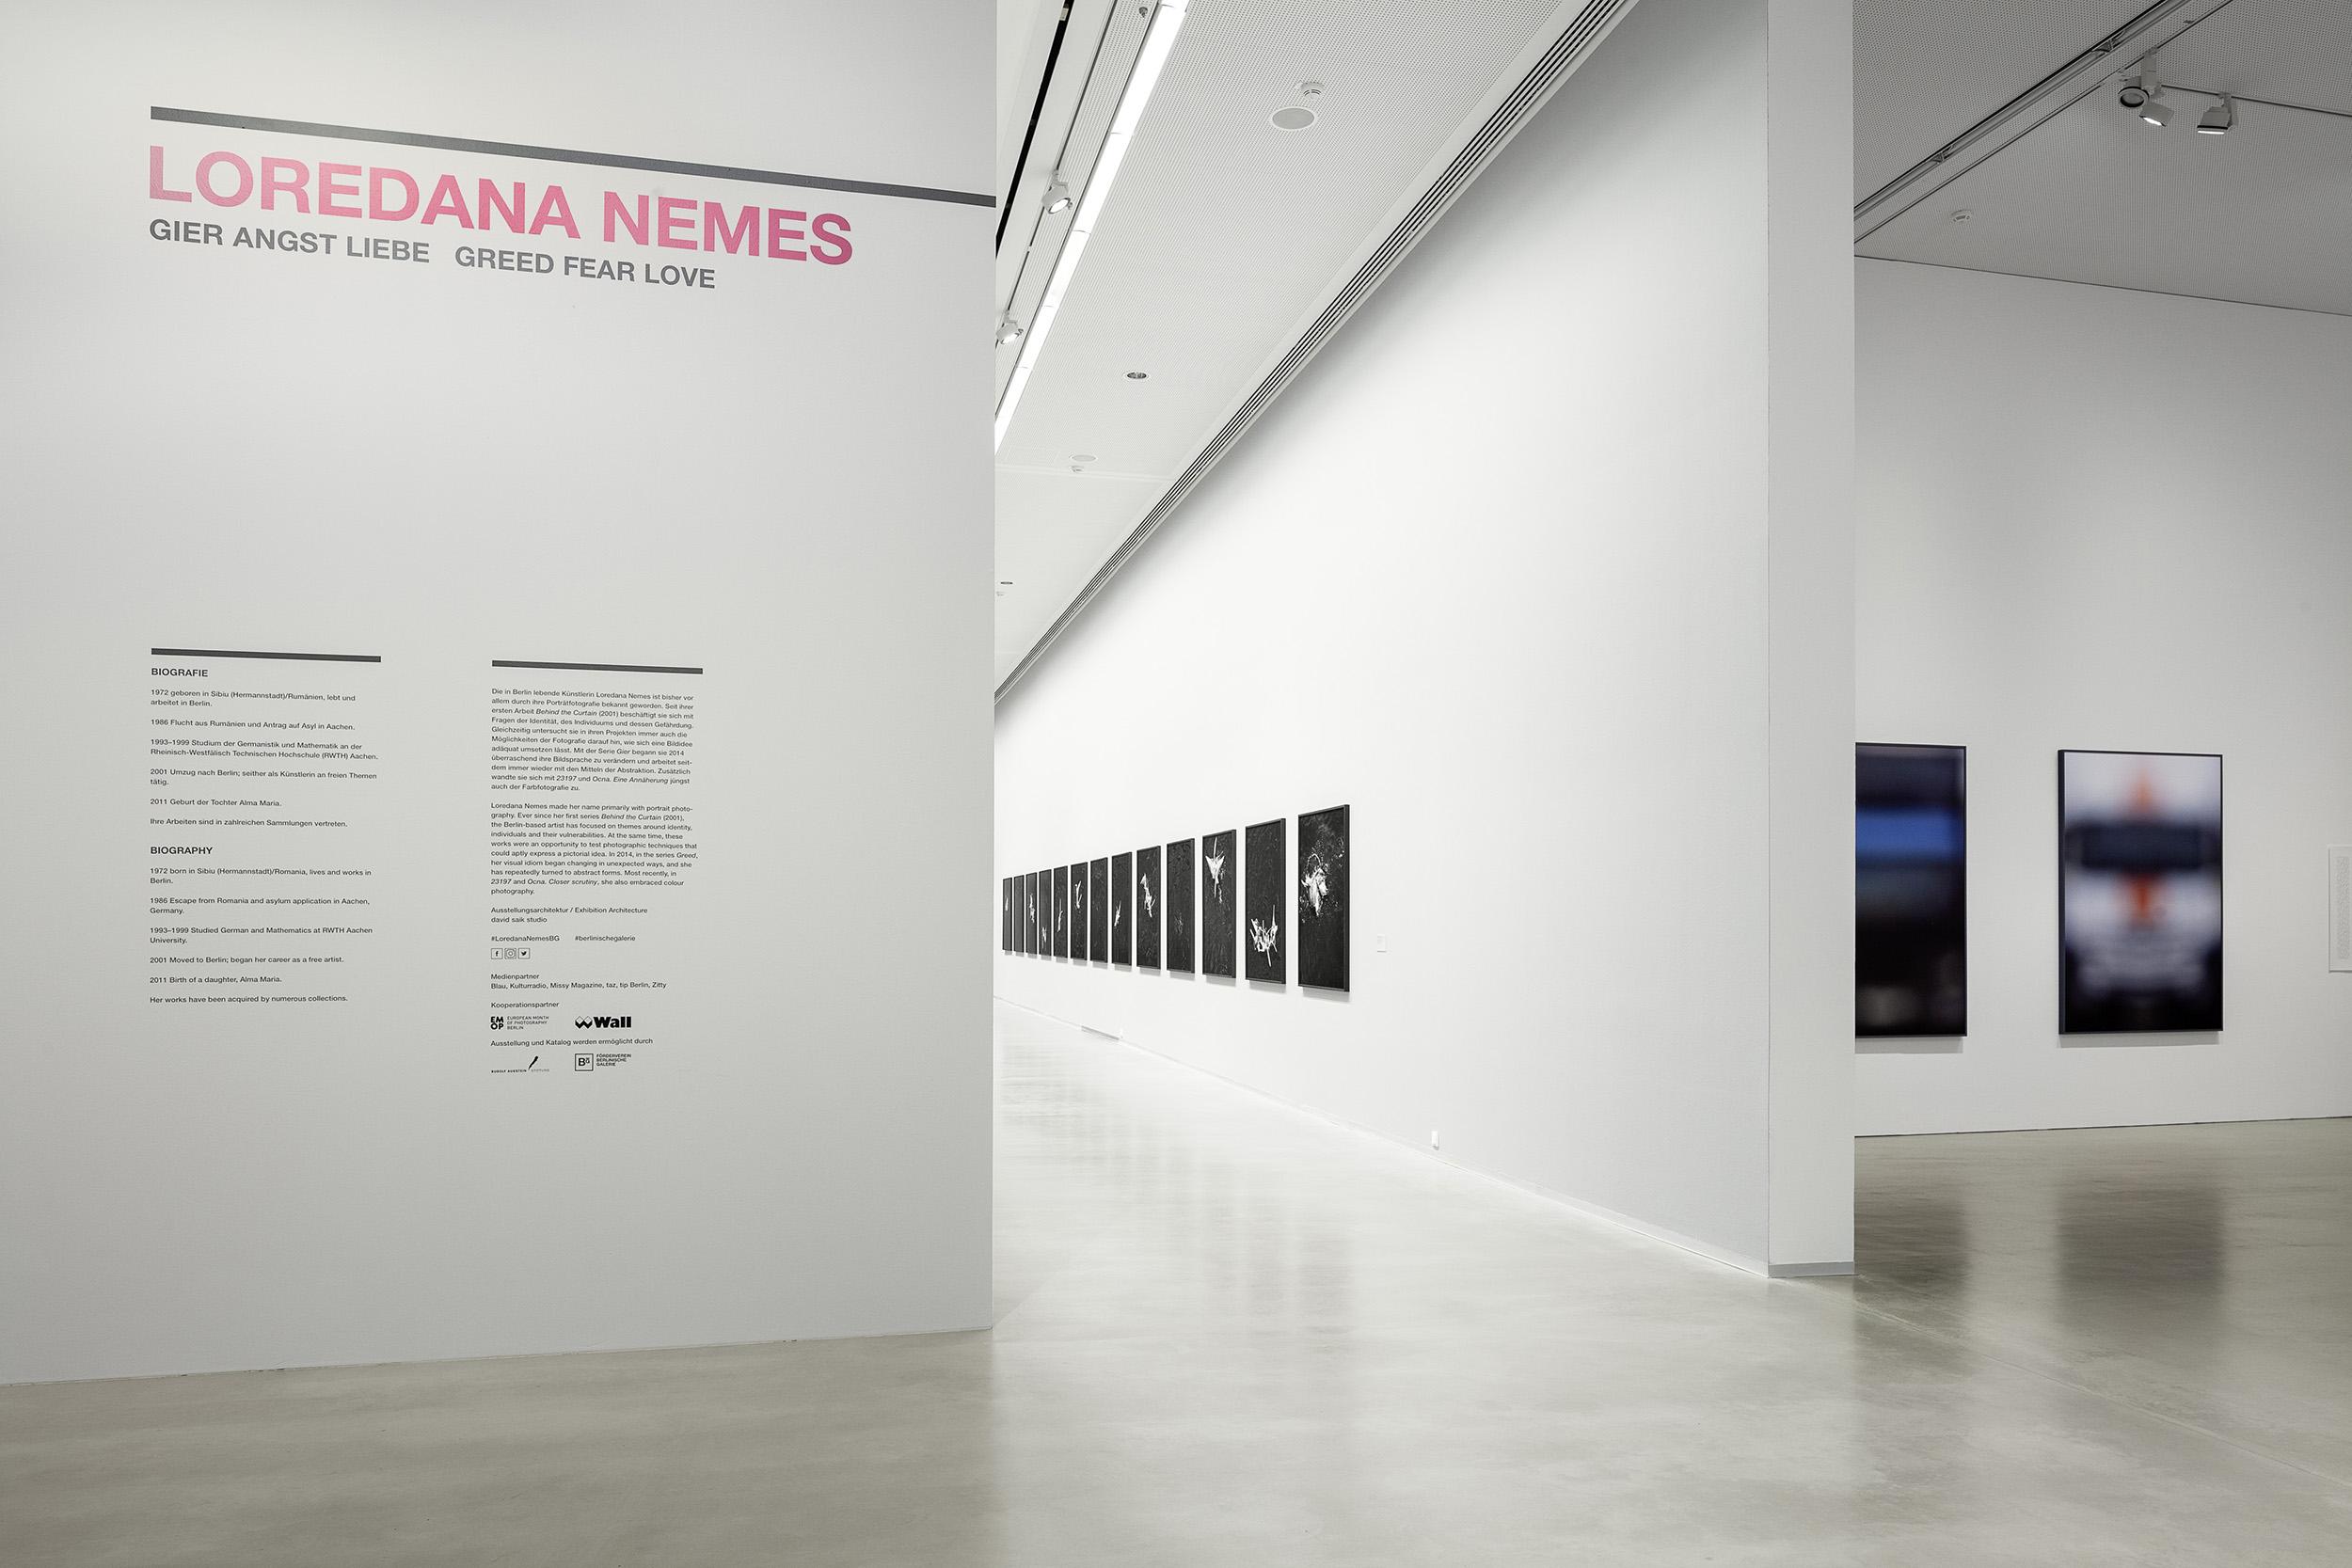 Loredana Nemes, Berlinische Galerie, 2018